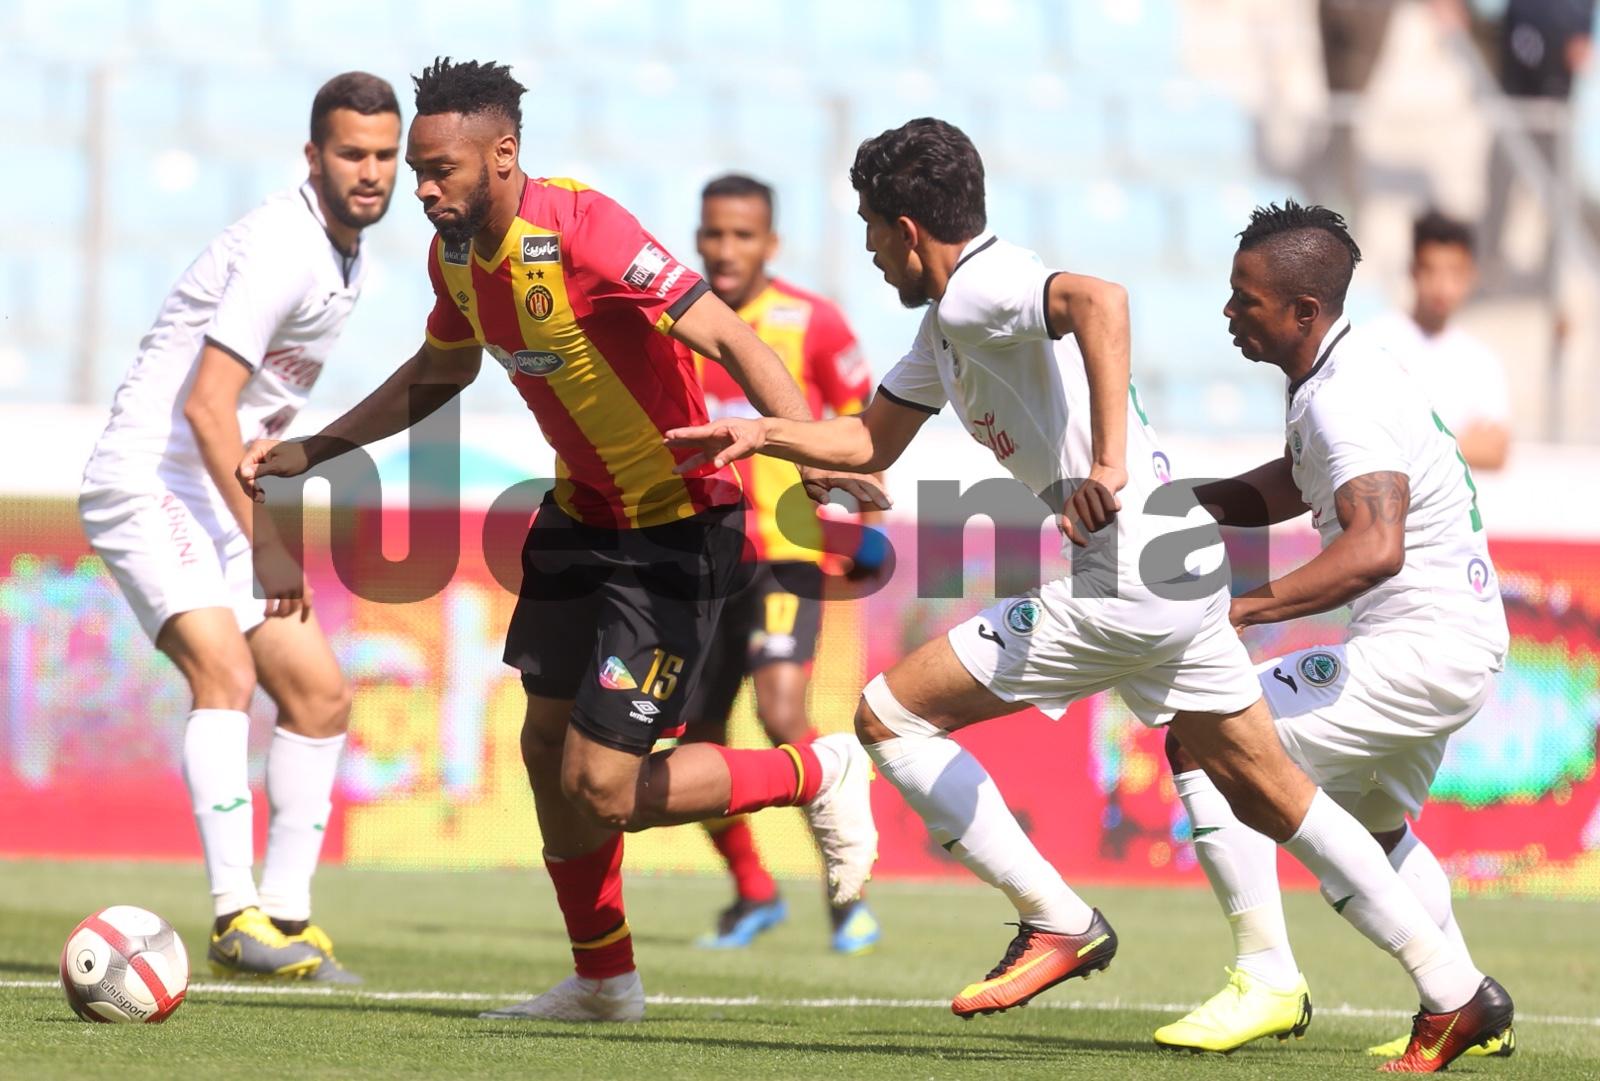 صور الشوط الثاني من مباراة الترجي الرياضي التونسي و نادي حمام الأنف